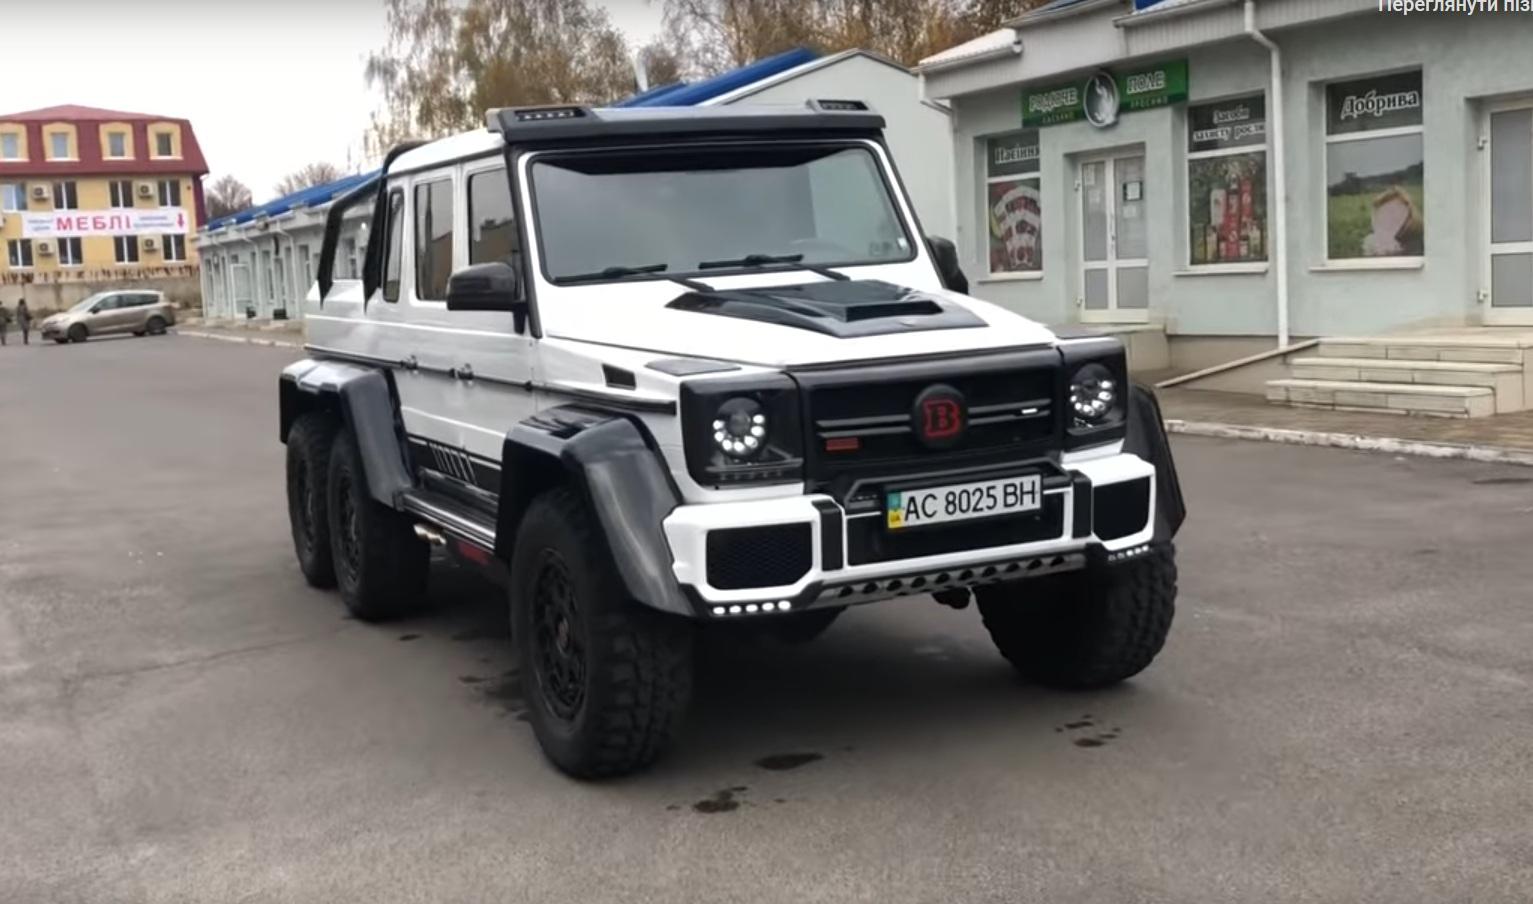 В Украине продают редкий шестиколесный Гелендваген Брабус с ГБО